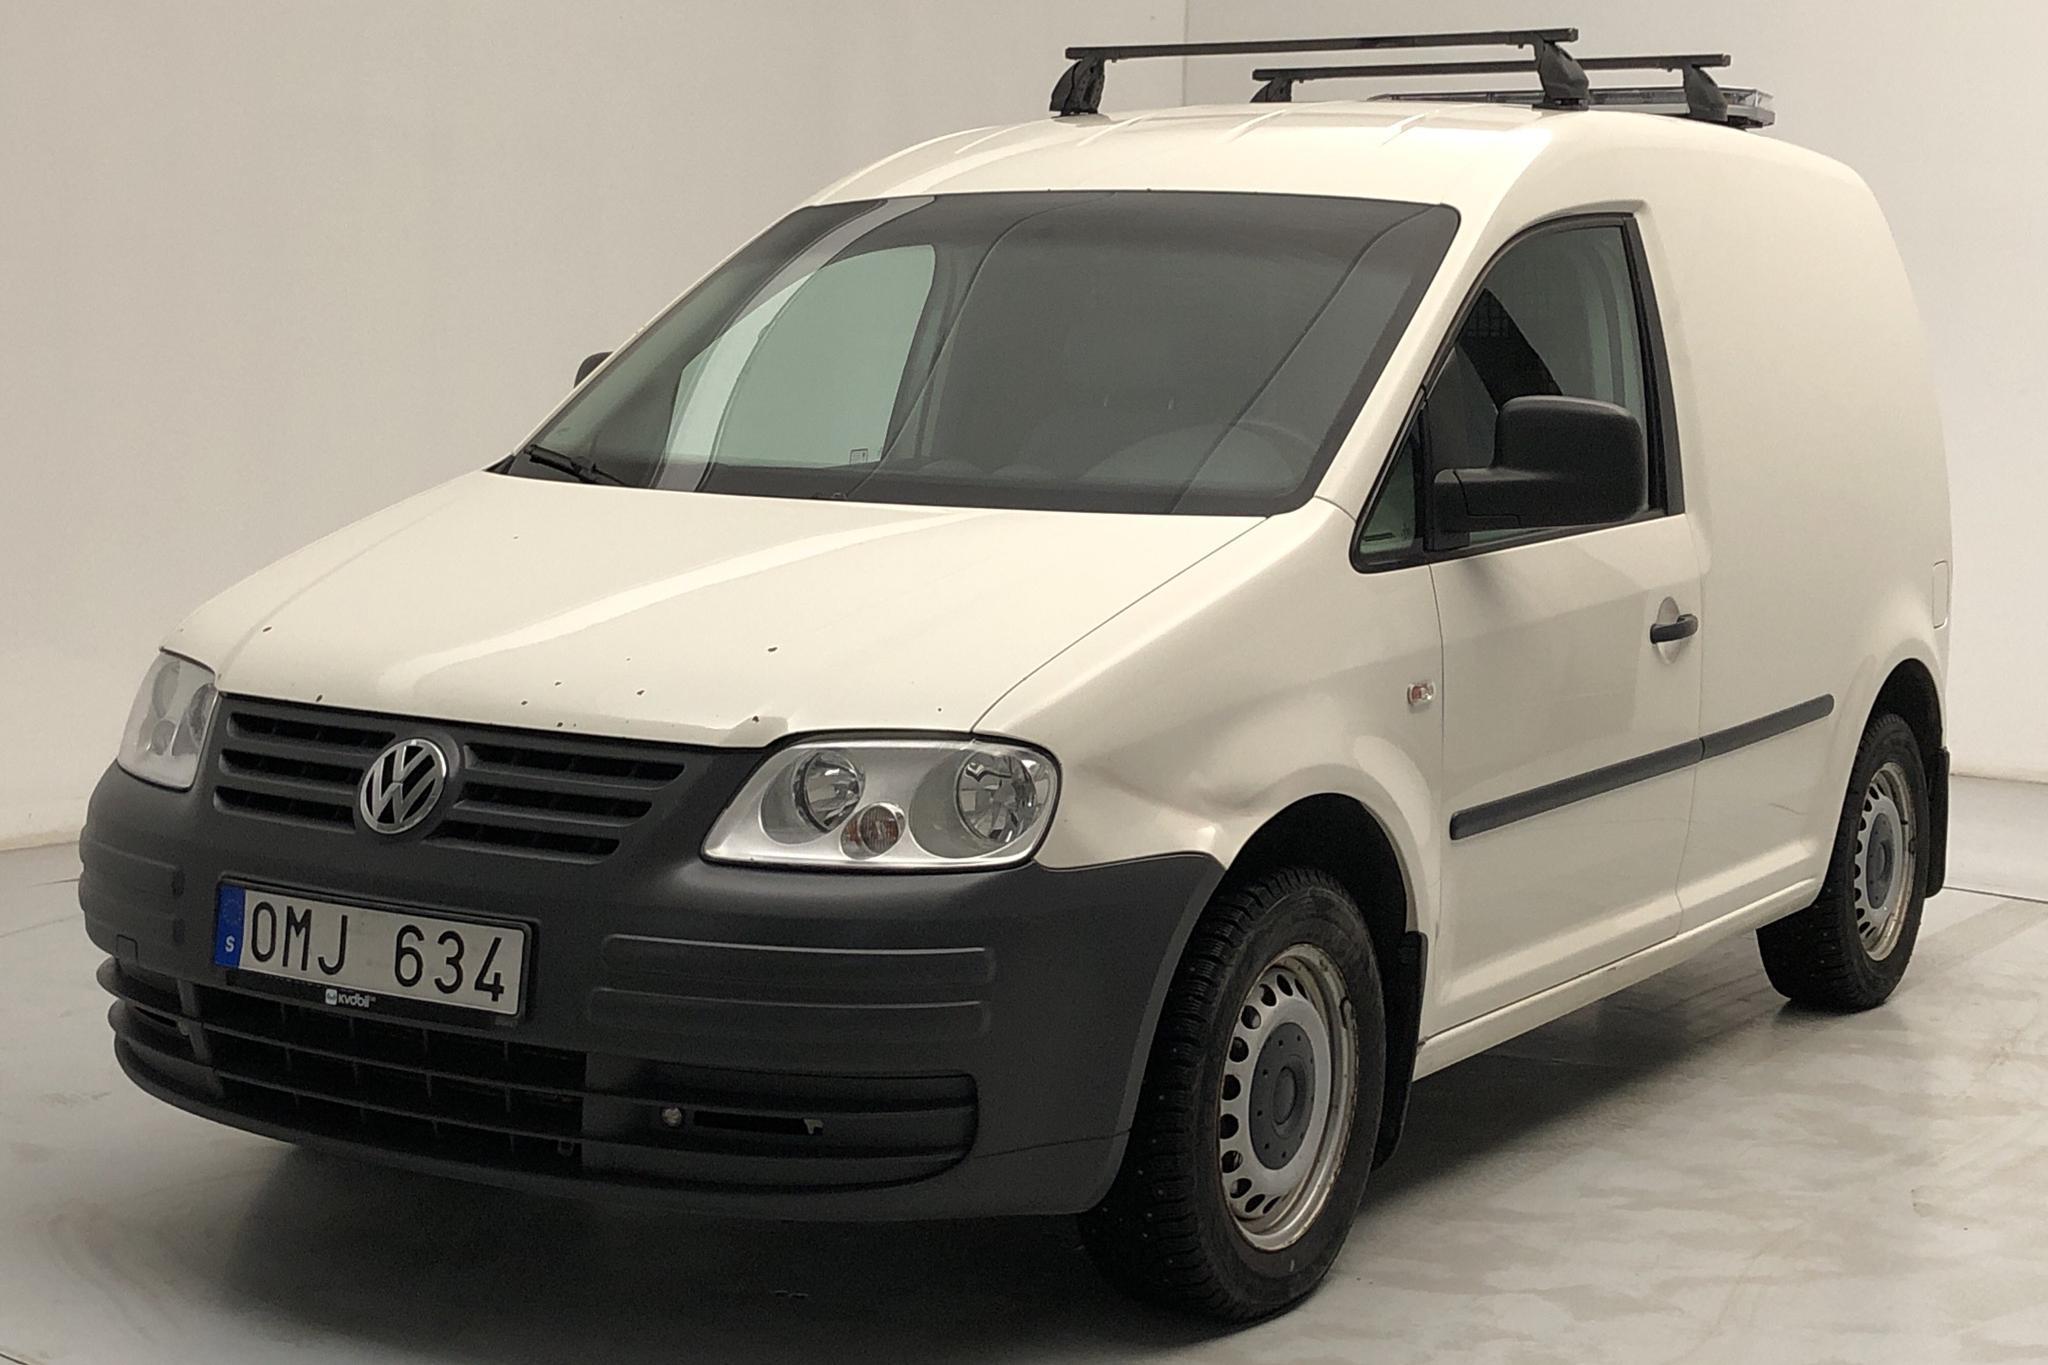 VW Caddy 1.9 TDI Skåp (105hk) - 182 070 km - Manual - white - 2008